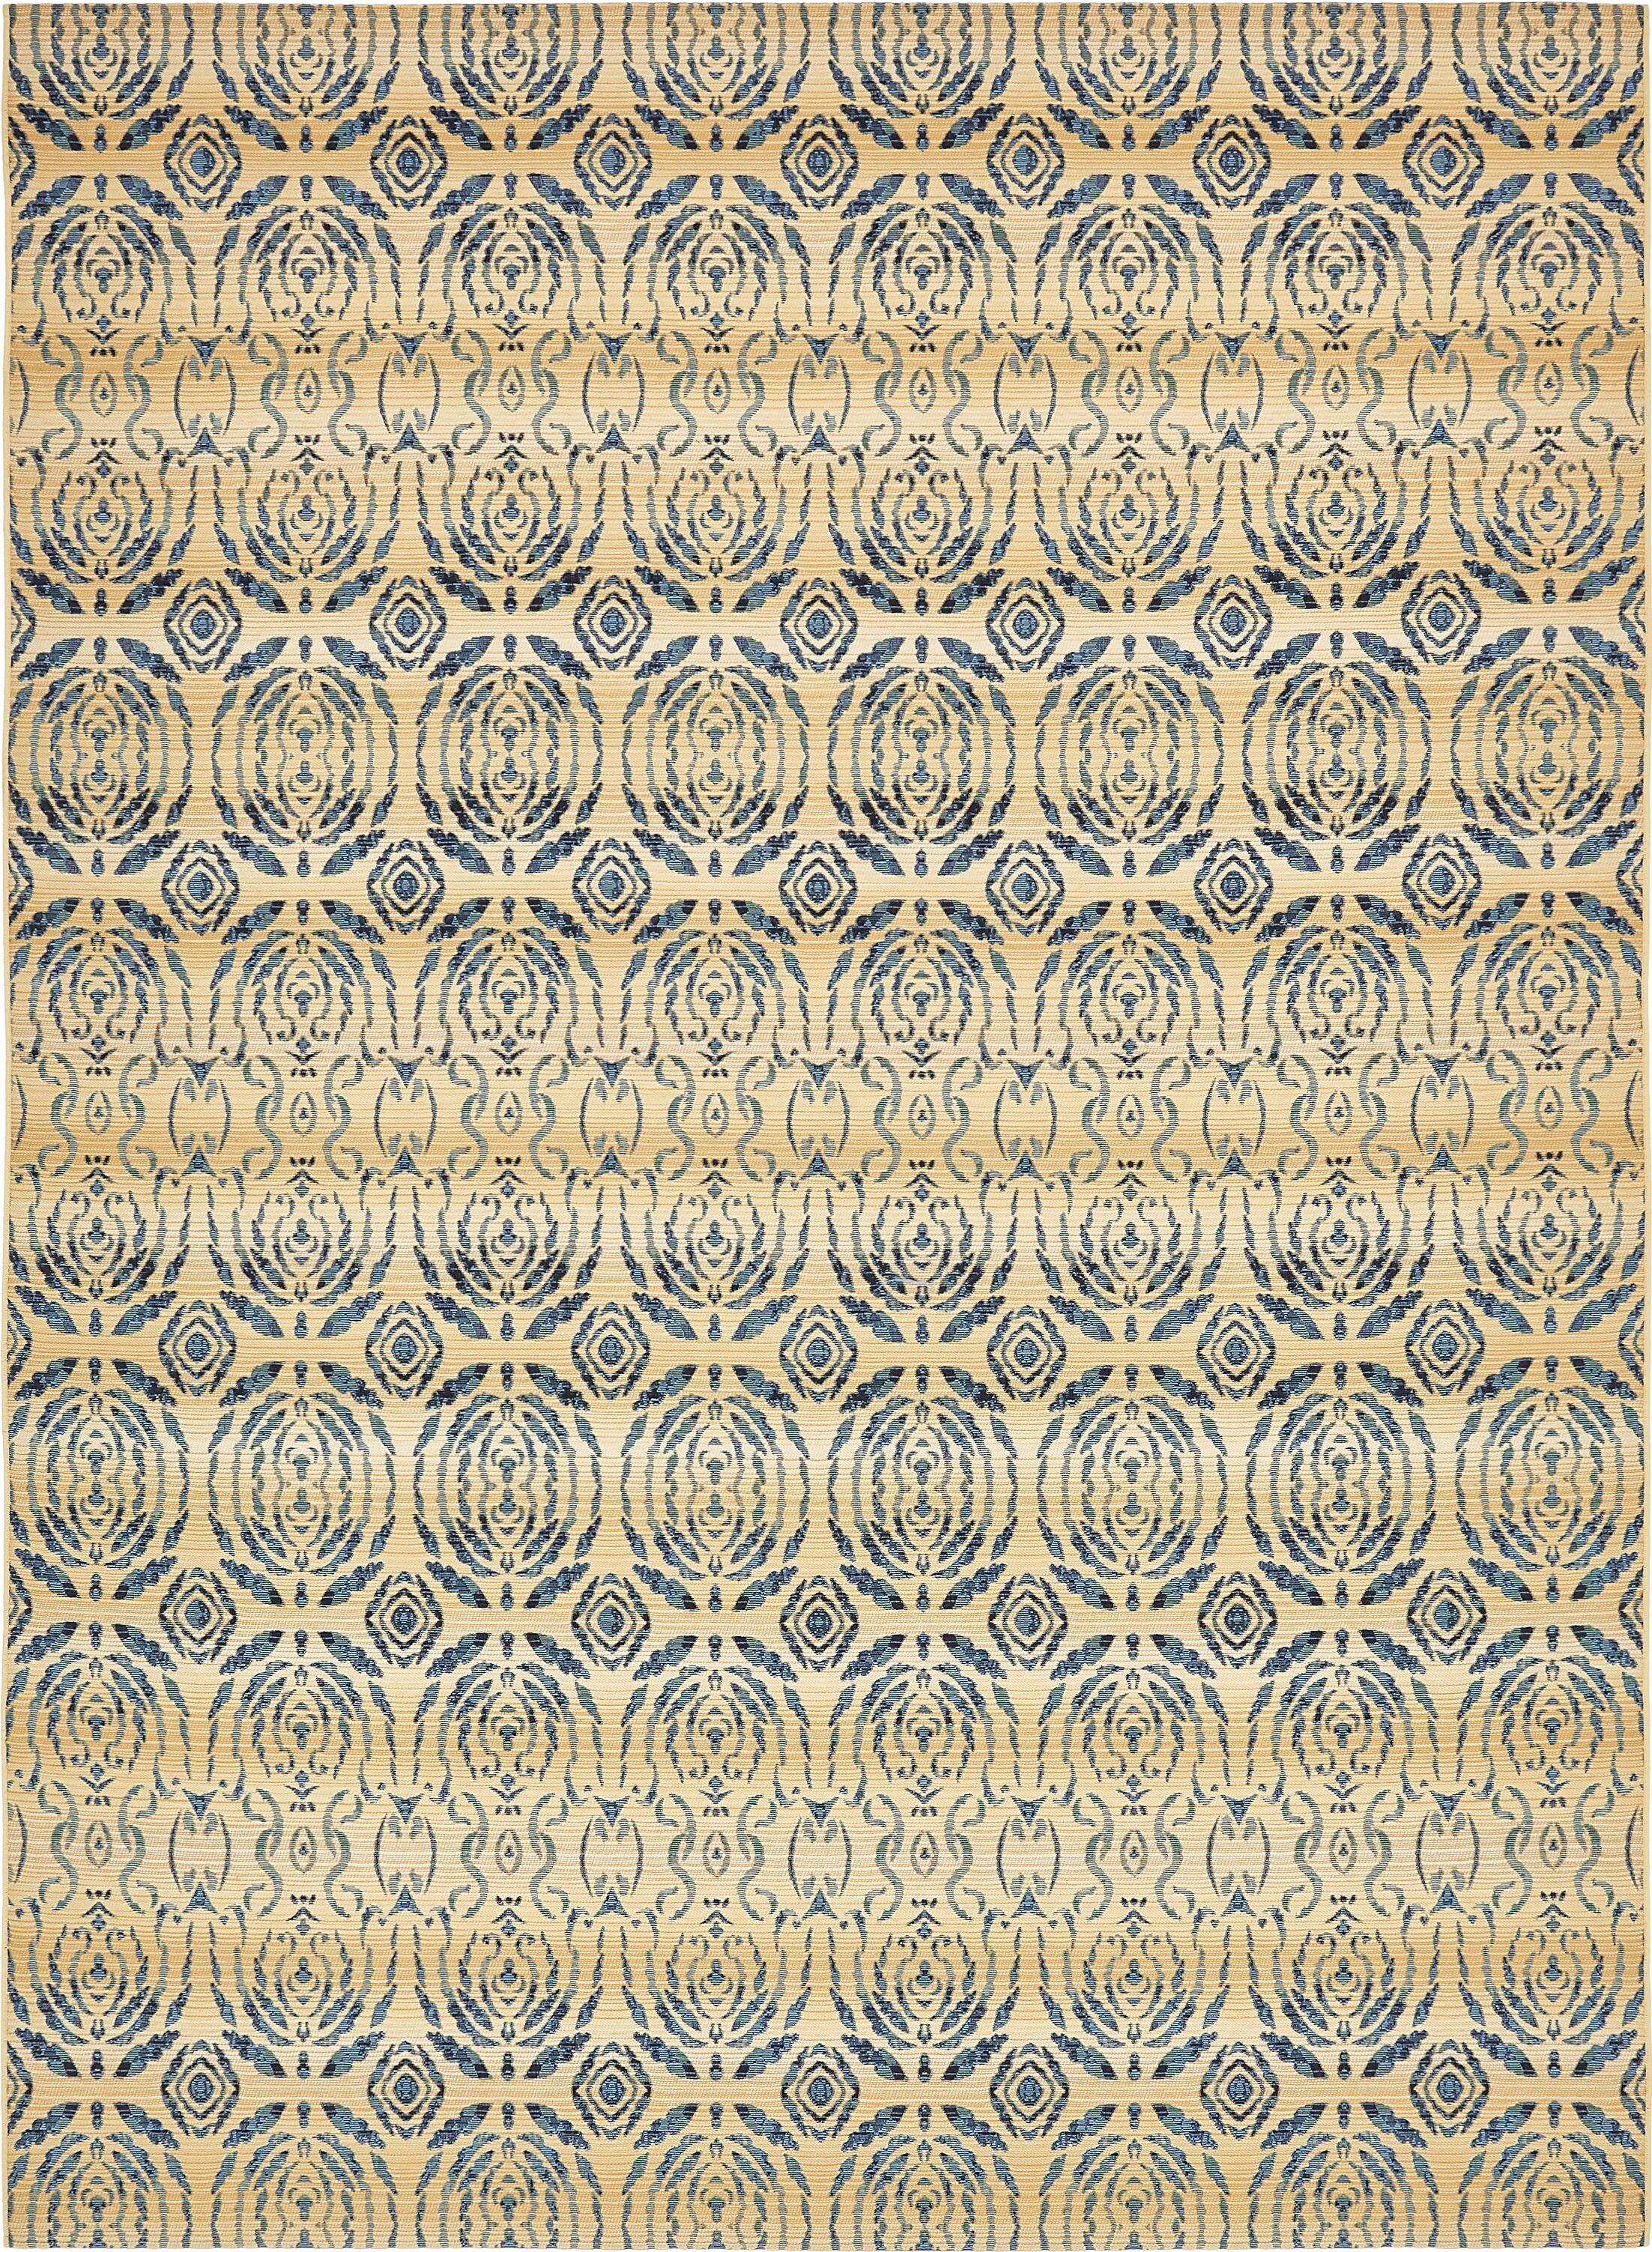 Jamie Beige Oriental Indoor/Outdoor Area Rug Rug Size: Rectangle 8' x 11'4